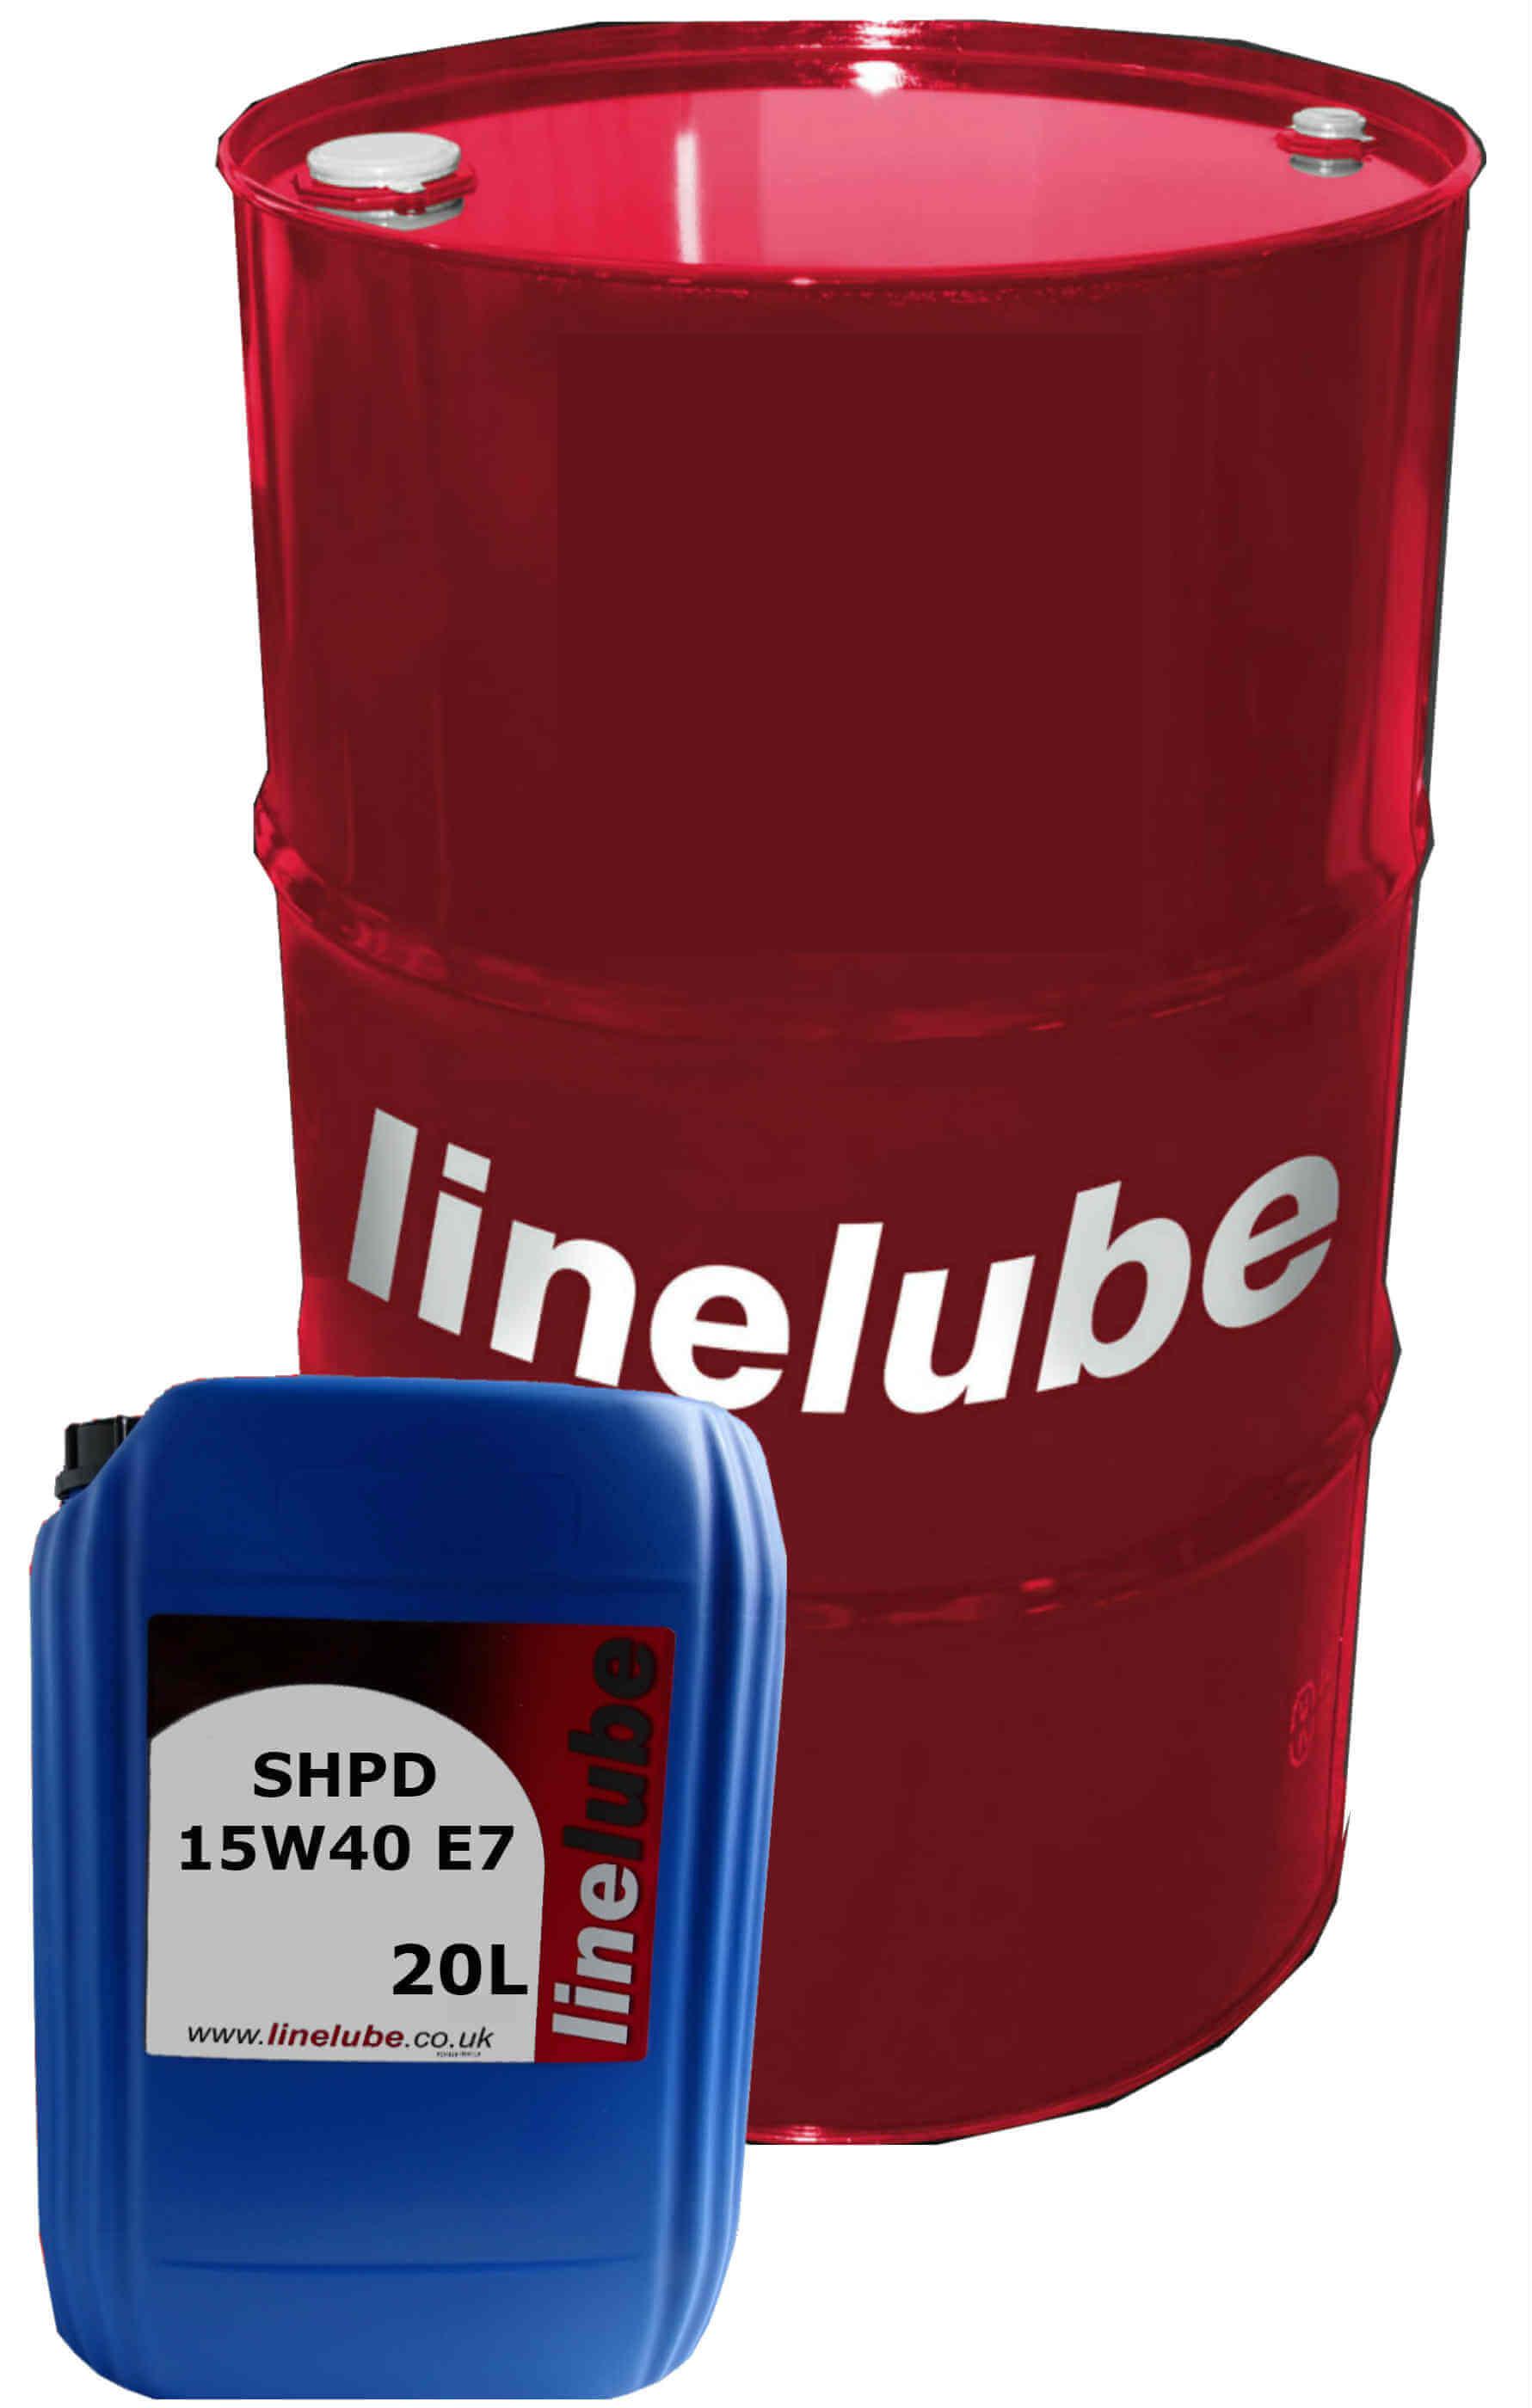 linelube SHPD 15W-40 E7